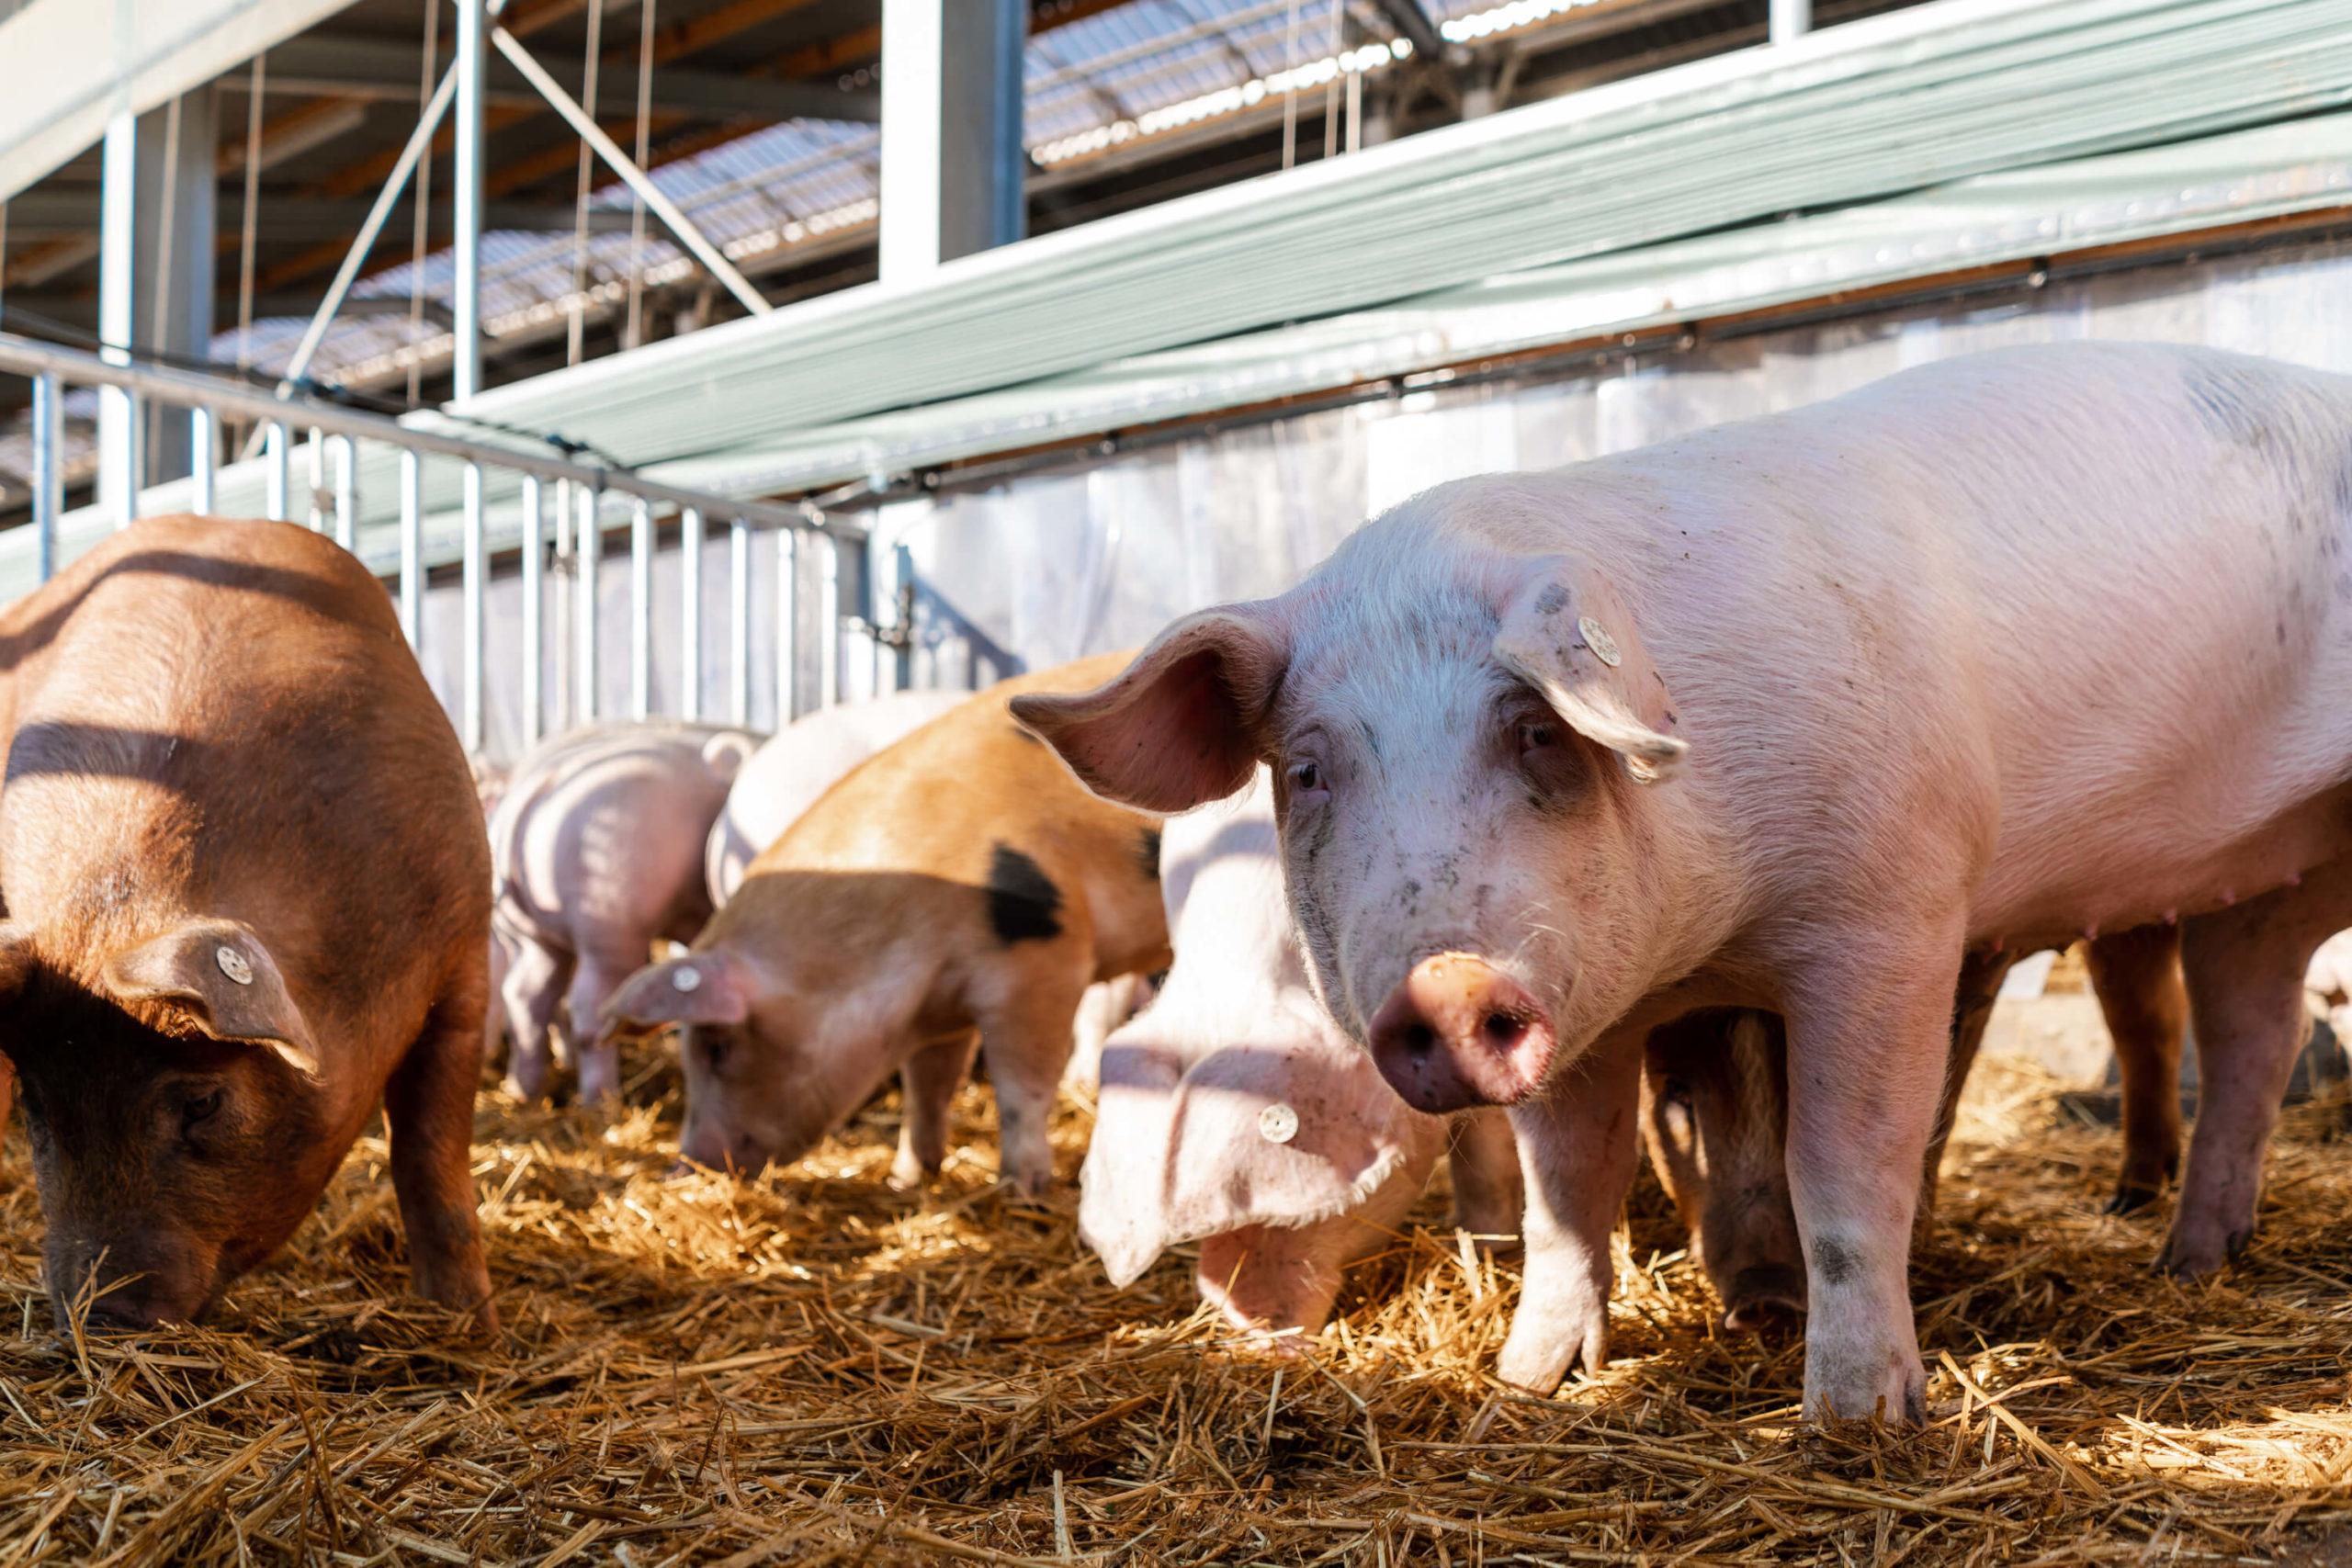 Großzügiger Auslauf für die Schweine | Niederrheiner Strohschwein